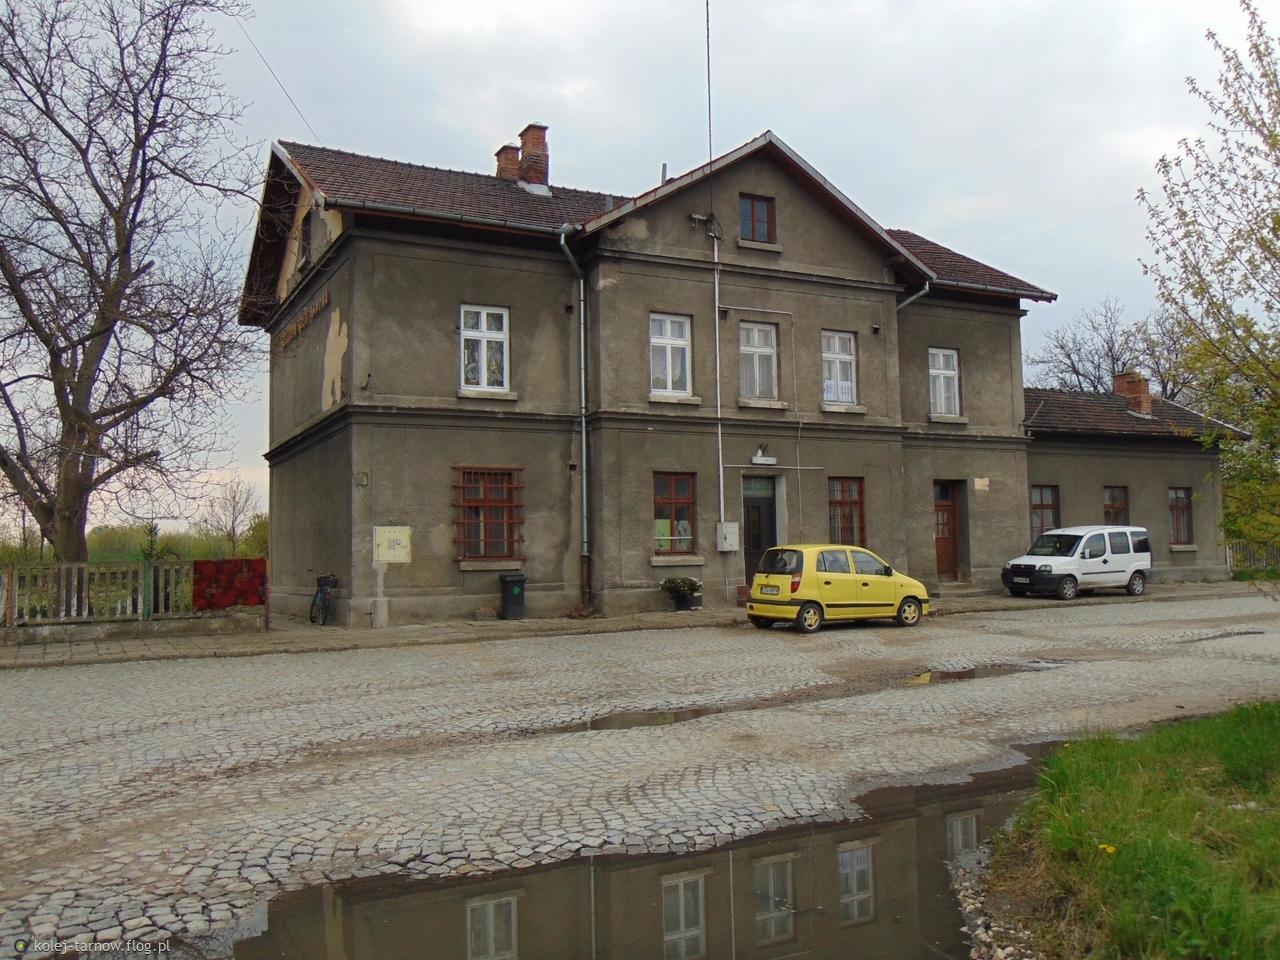 Dworzec kolejowy w Szczucinie Koło Tarnowa